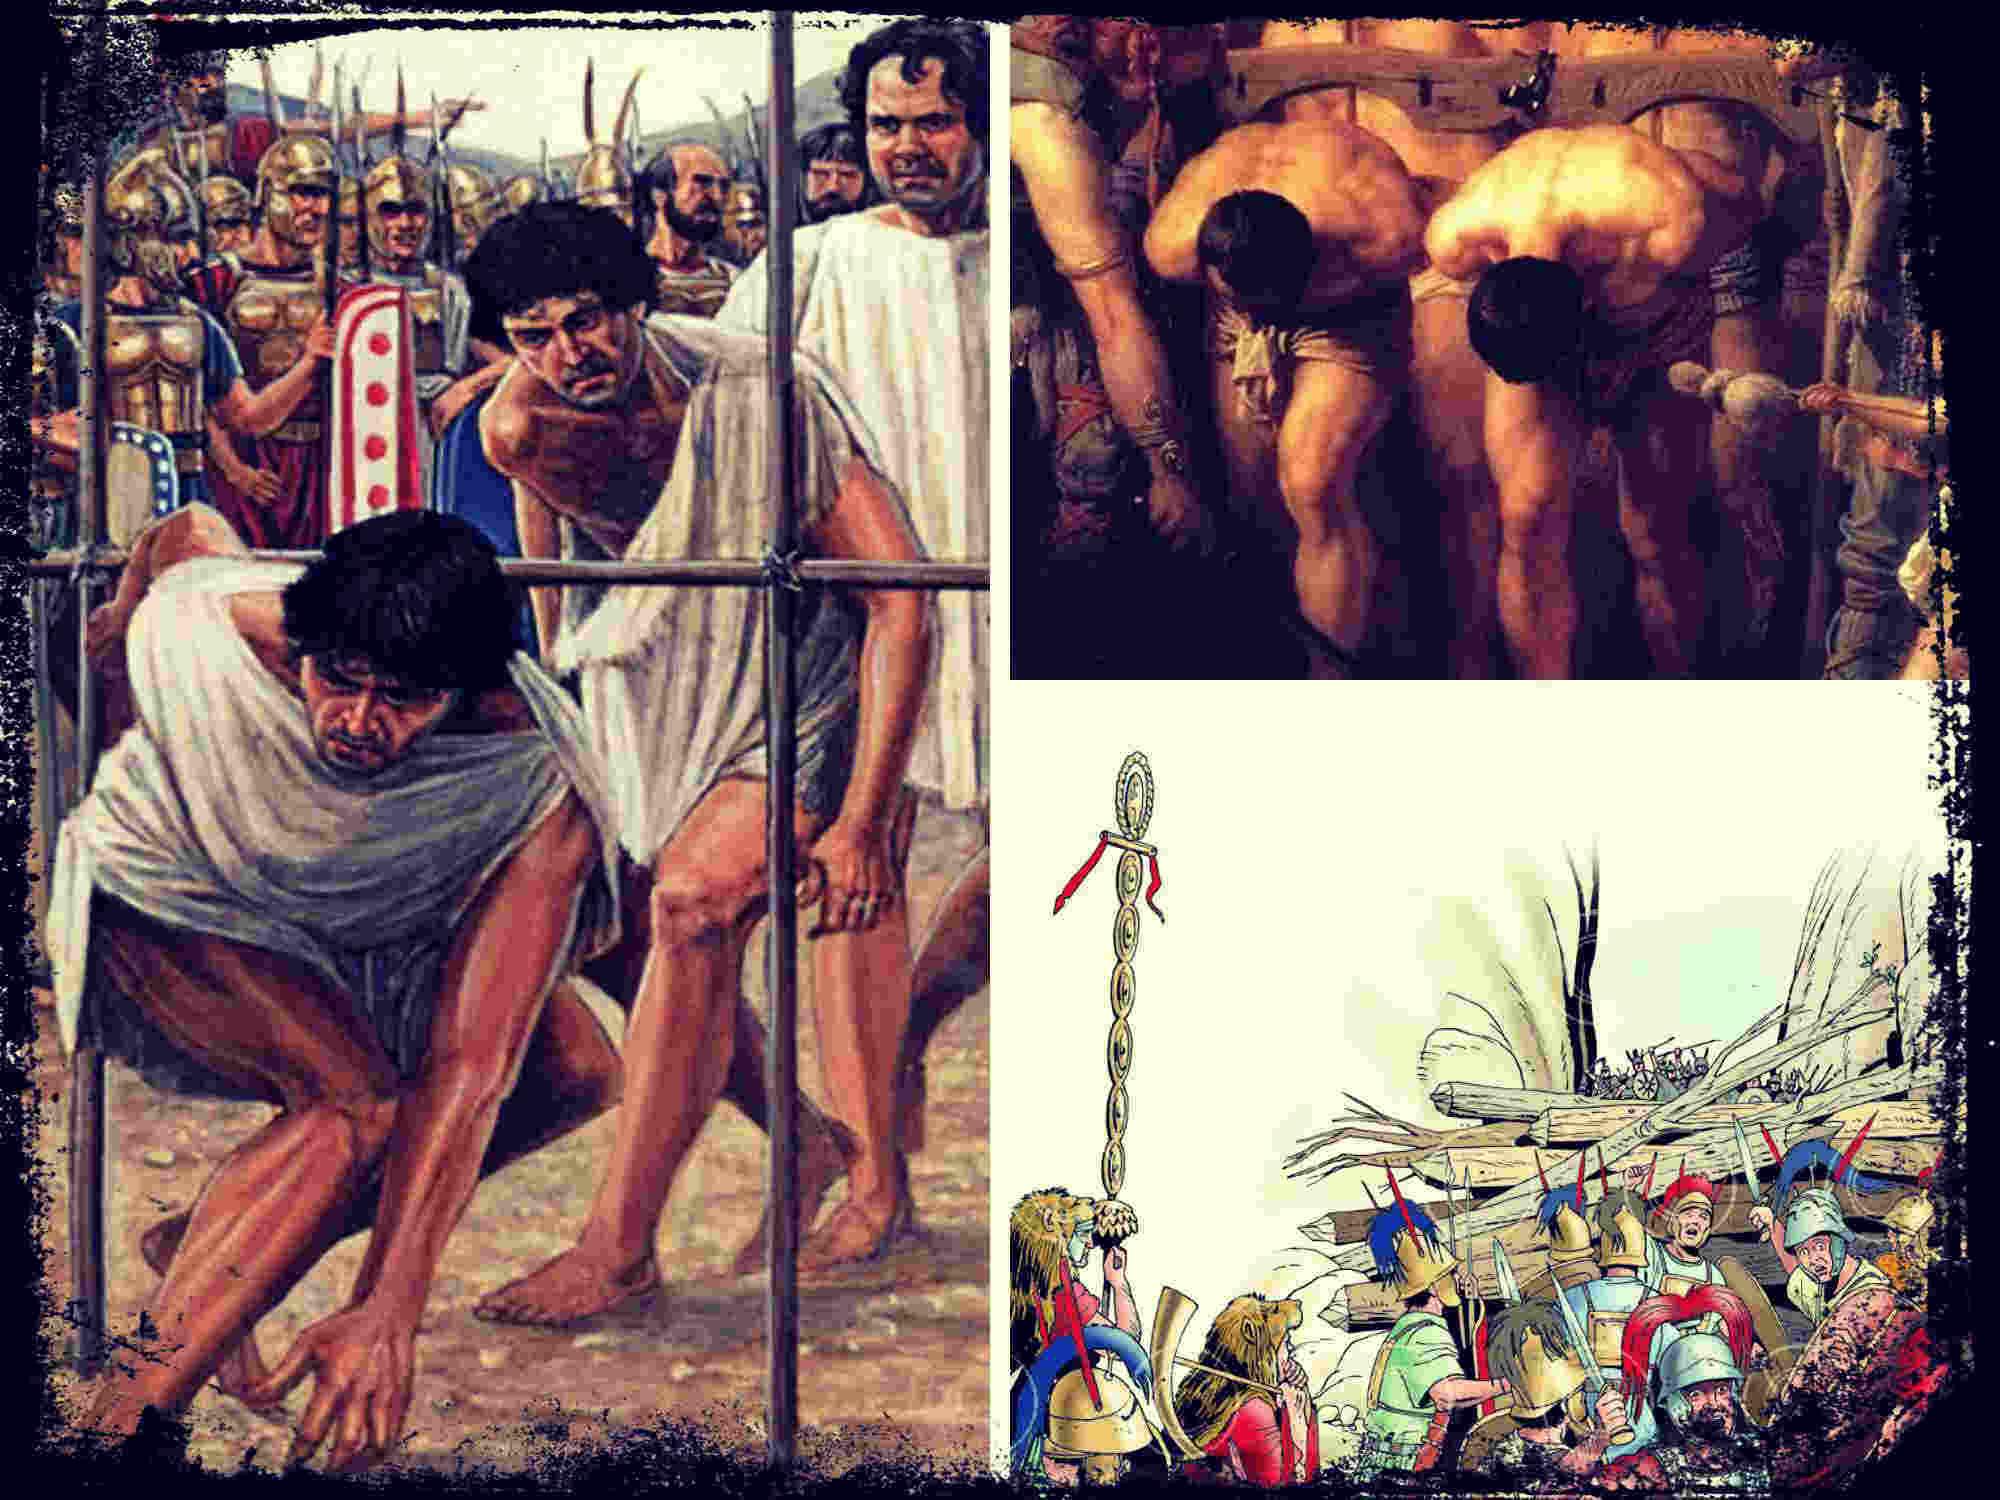 La batalla de las Horcas Caudinas